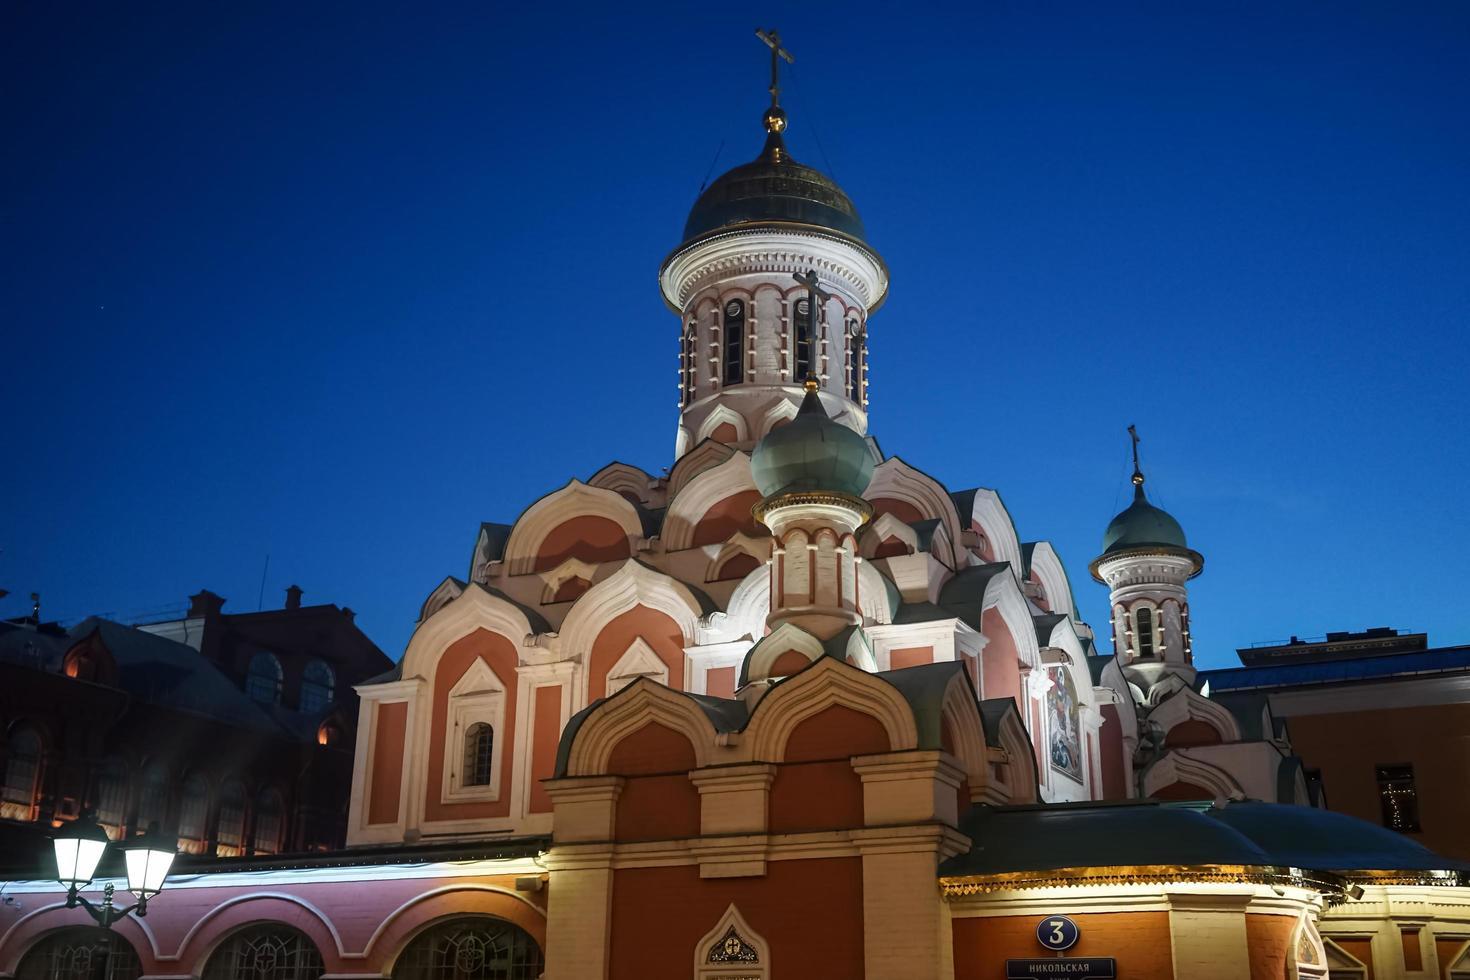 Architektur der russischen Hauptstadt. foto